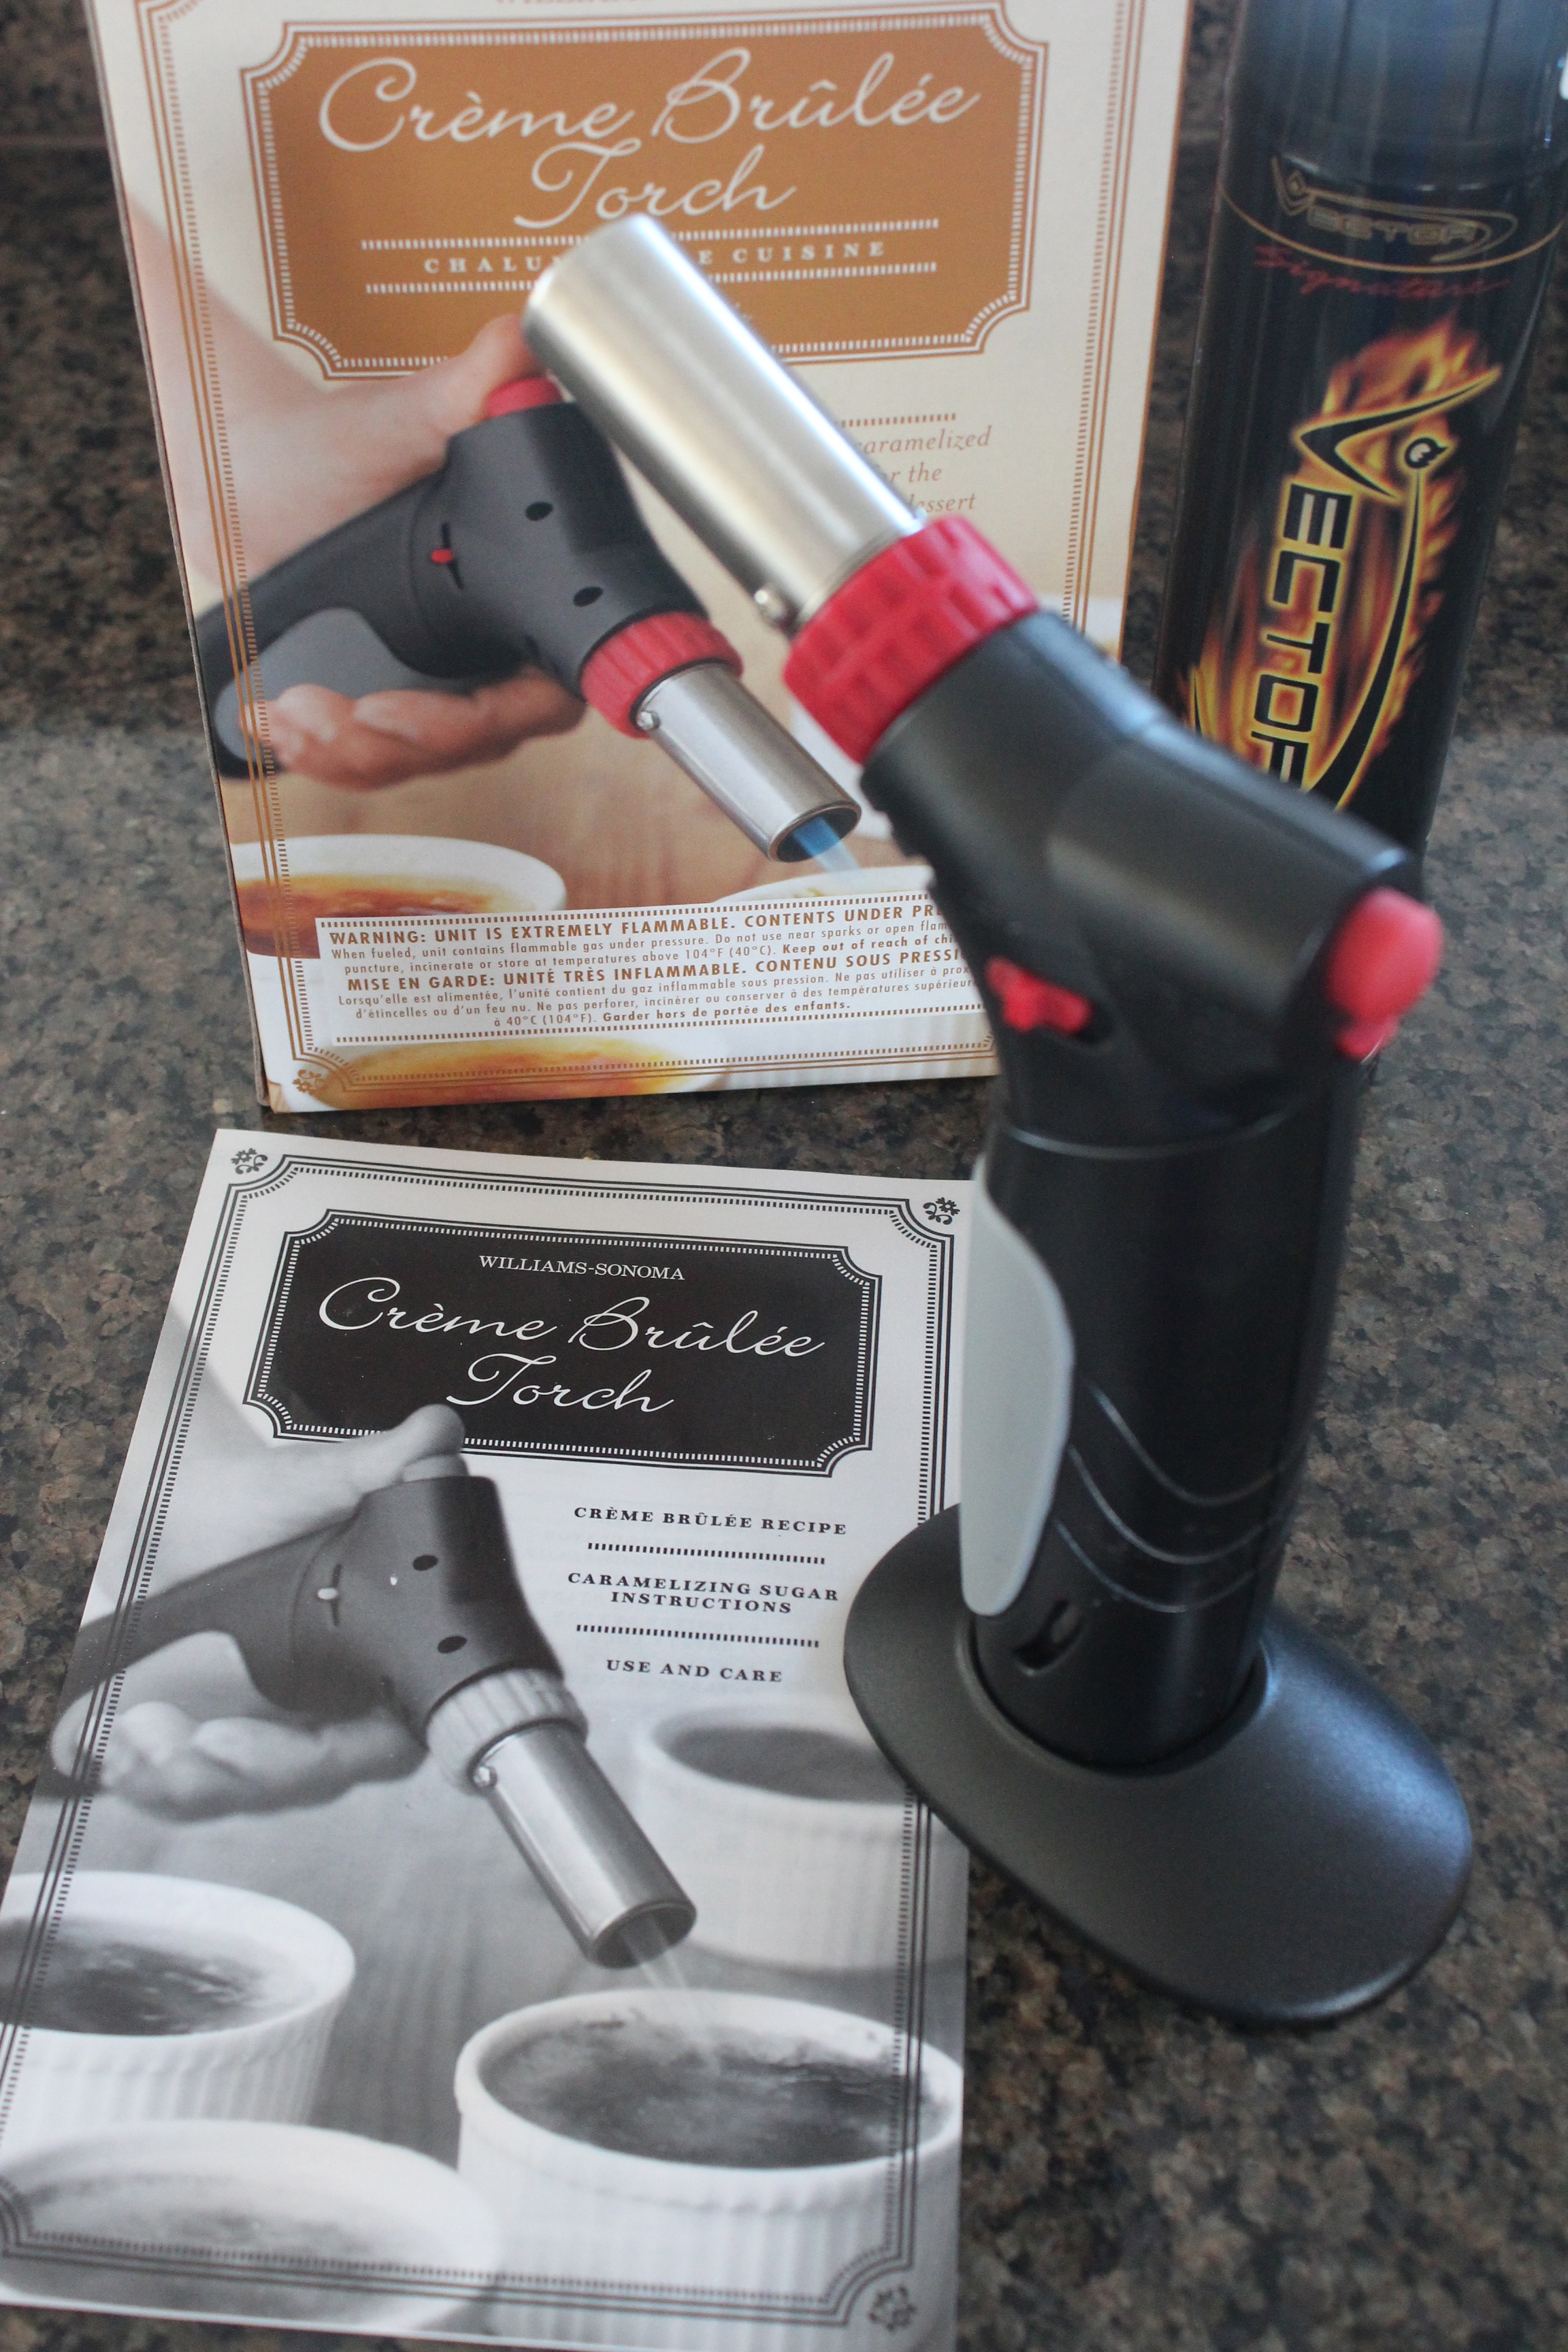 Creme Brûlée Torch